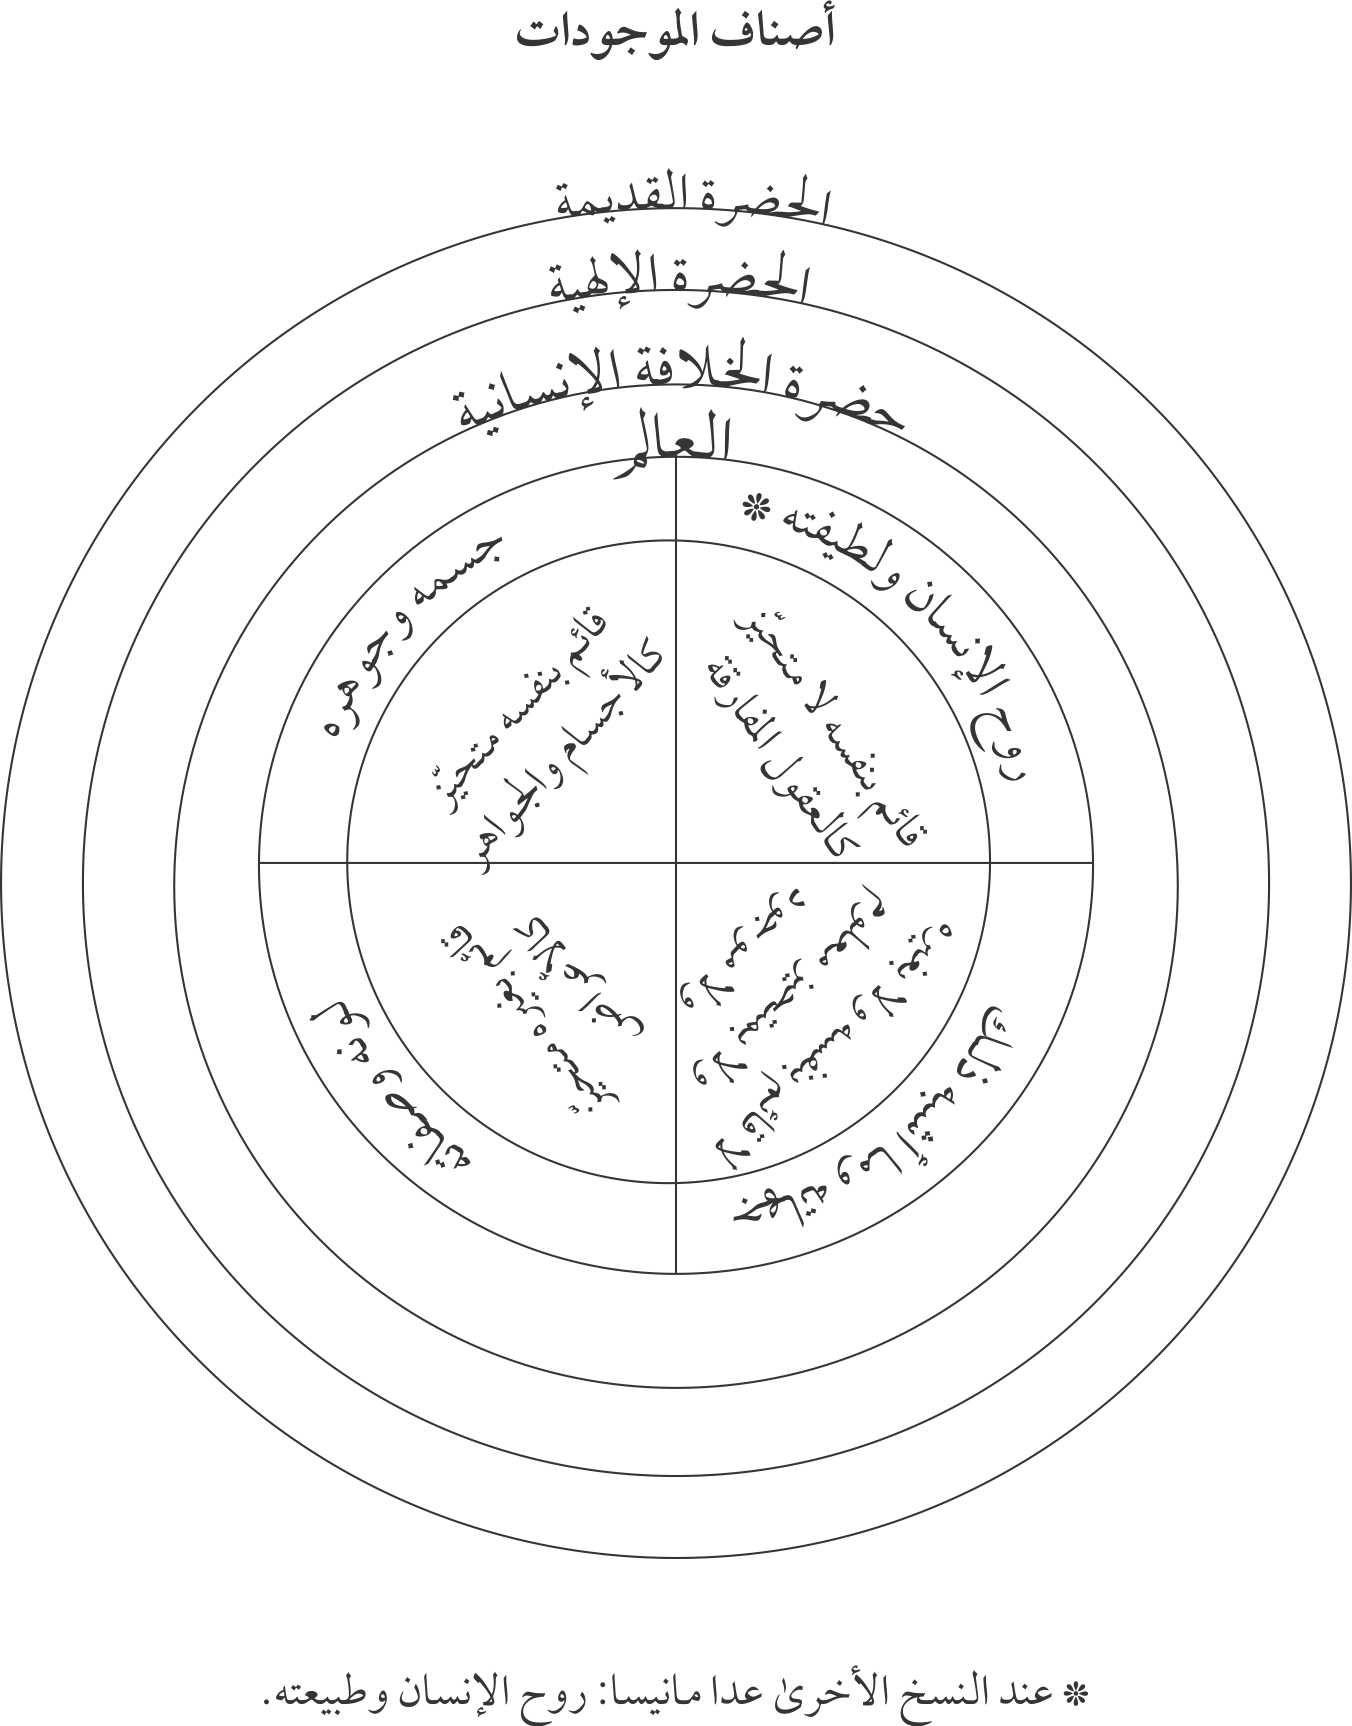 أصناف الموجودات إنشاء الدوائر للشيخ الأكبر ابن العربي